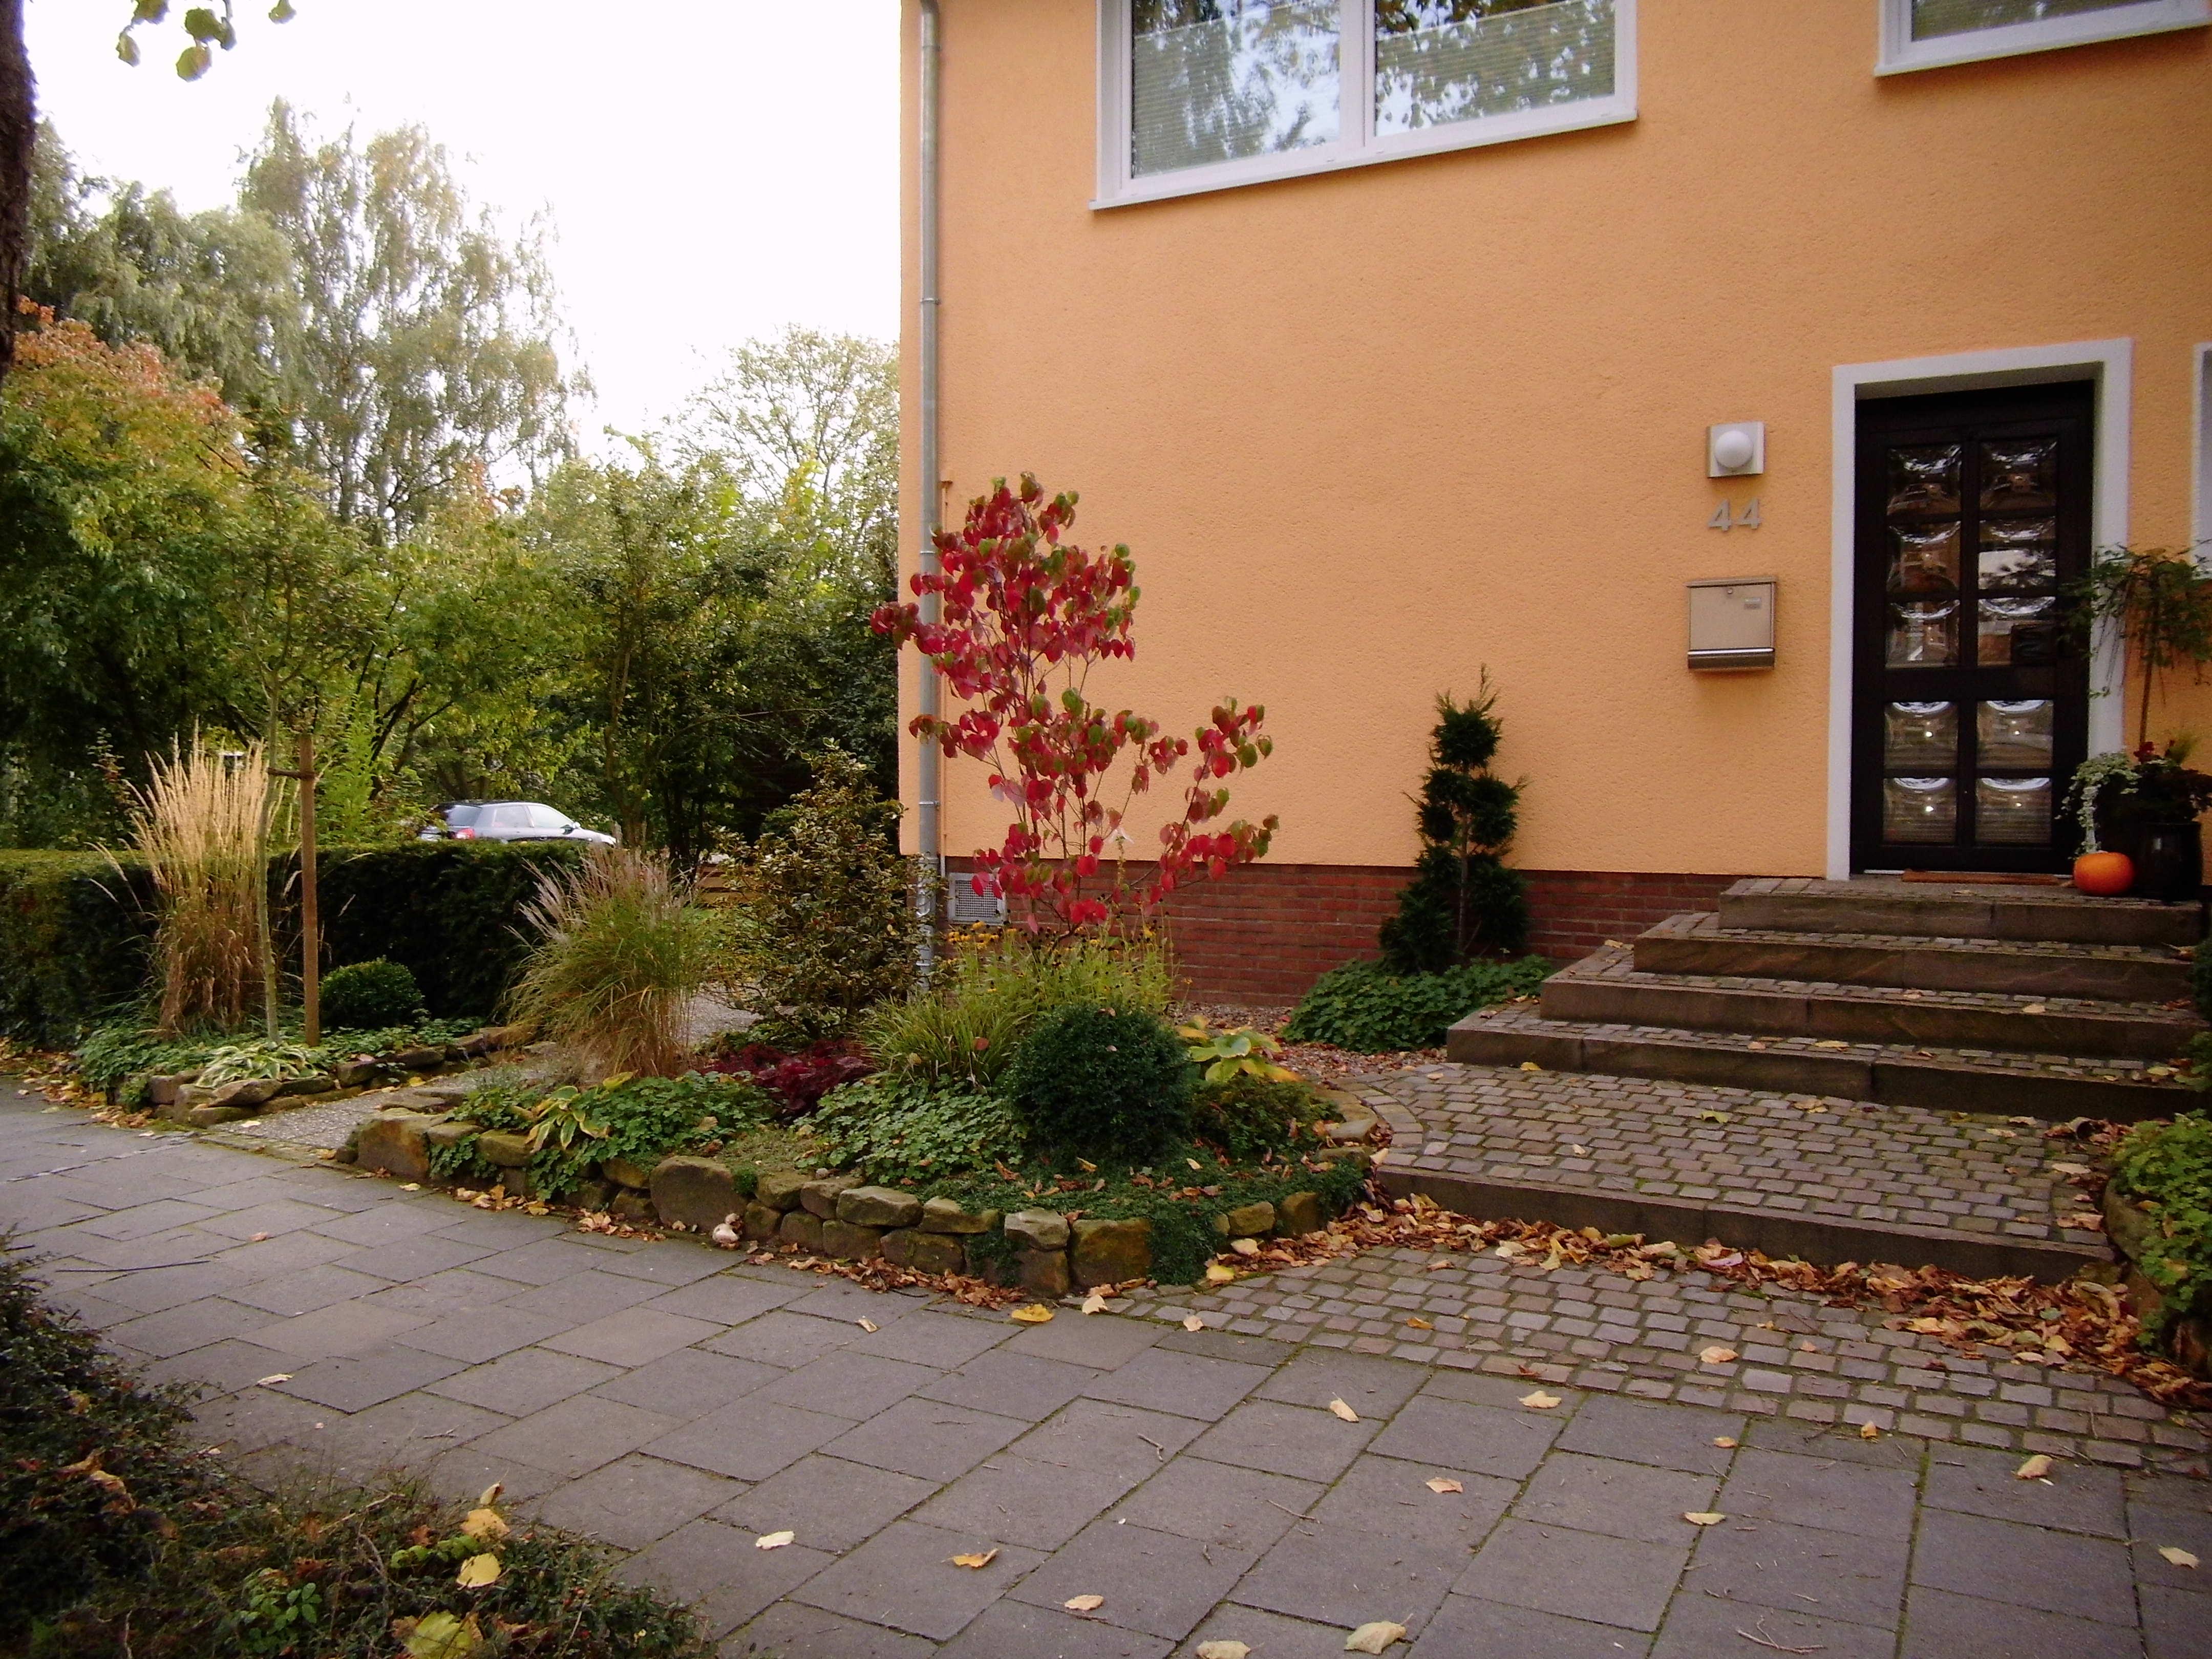 Vorgarten und Hauseingang